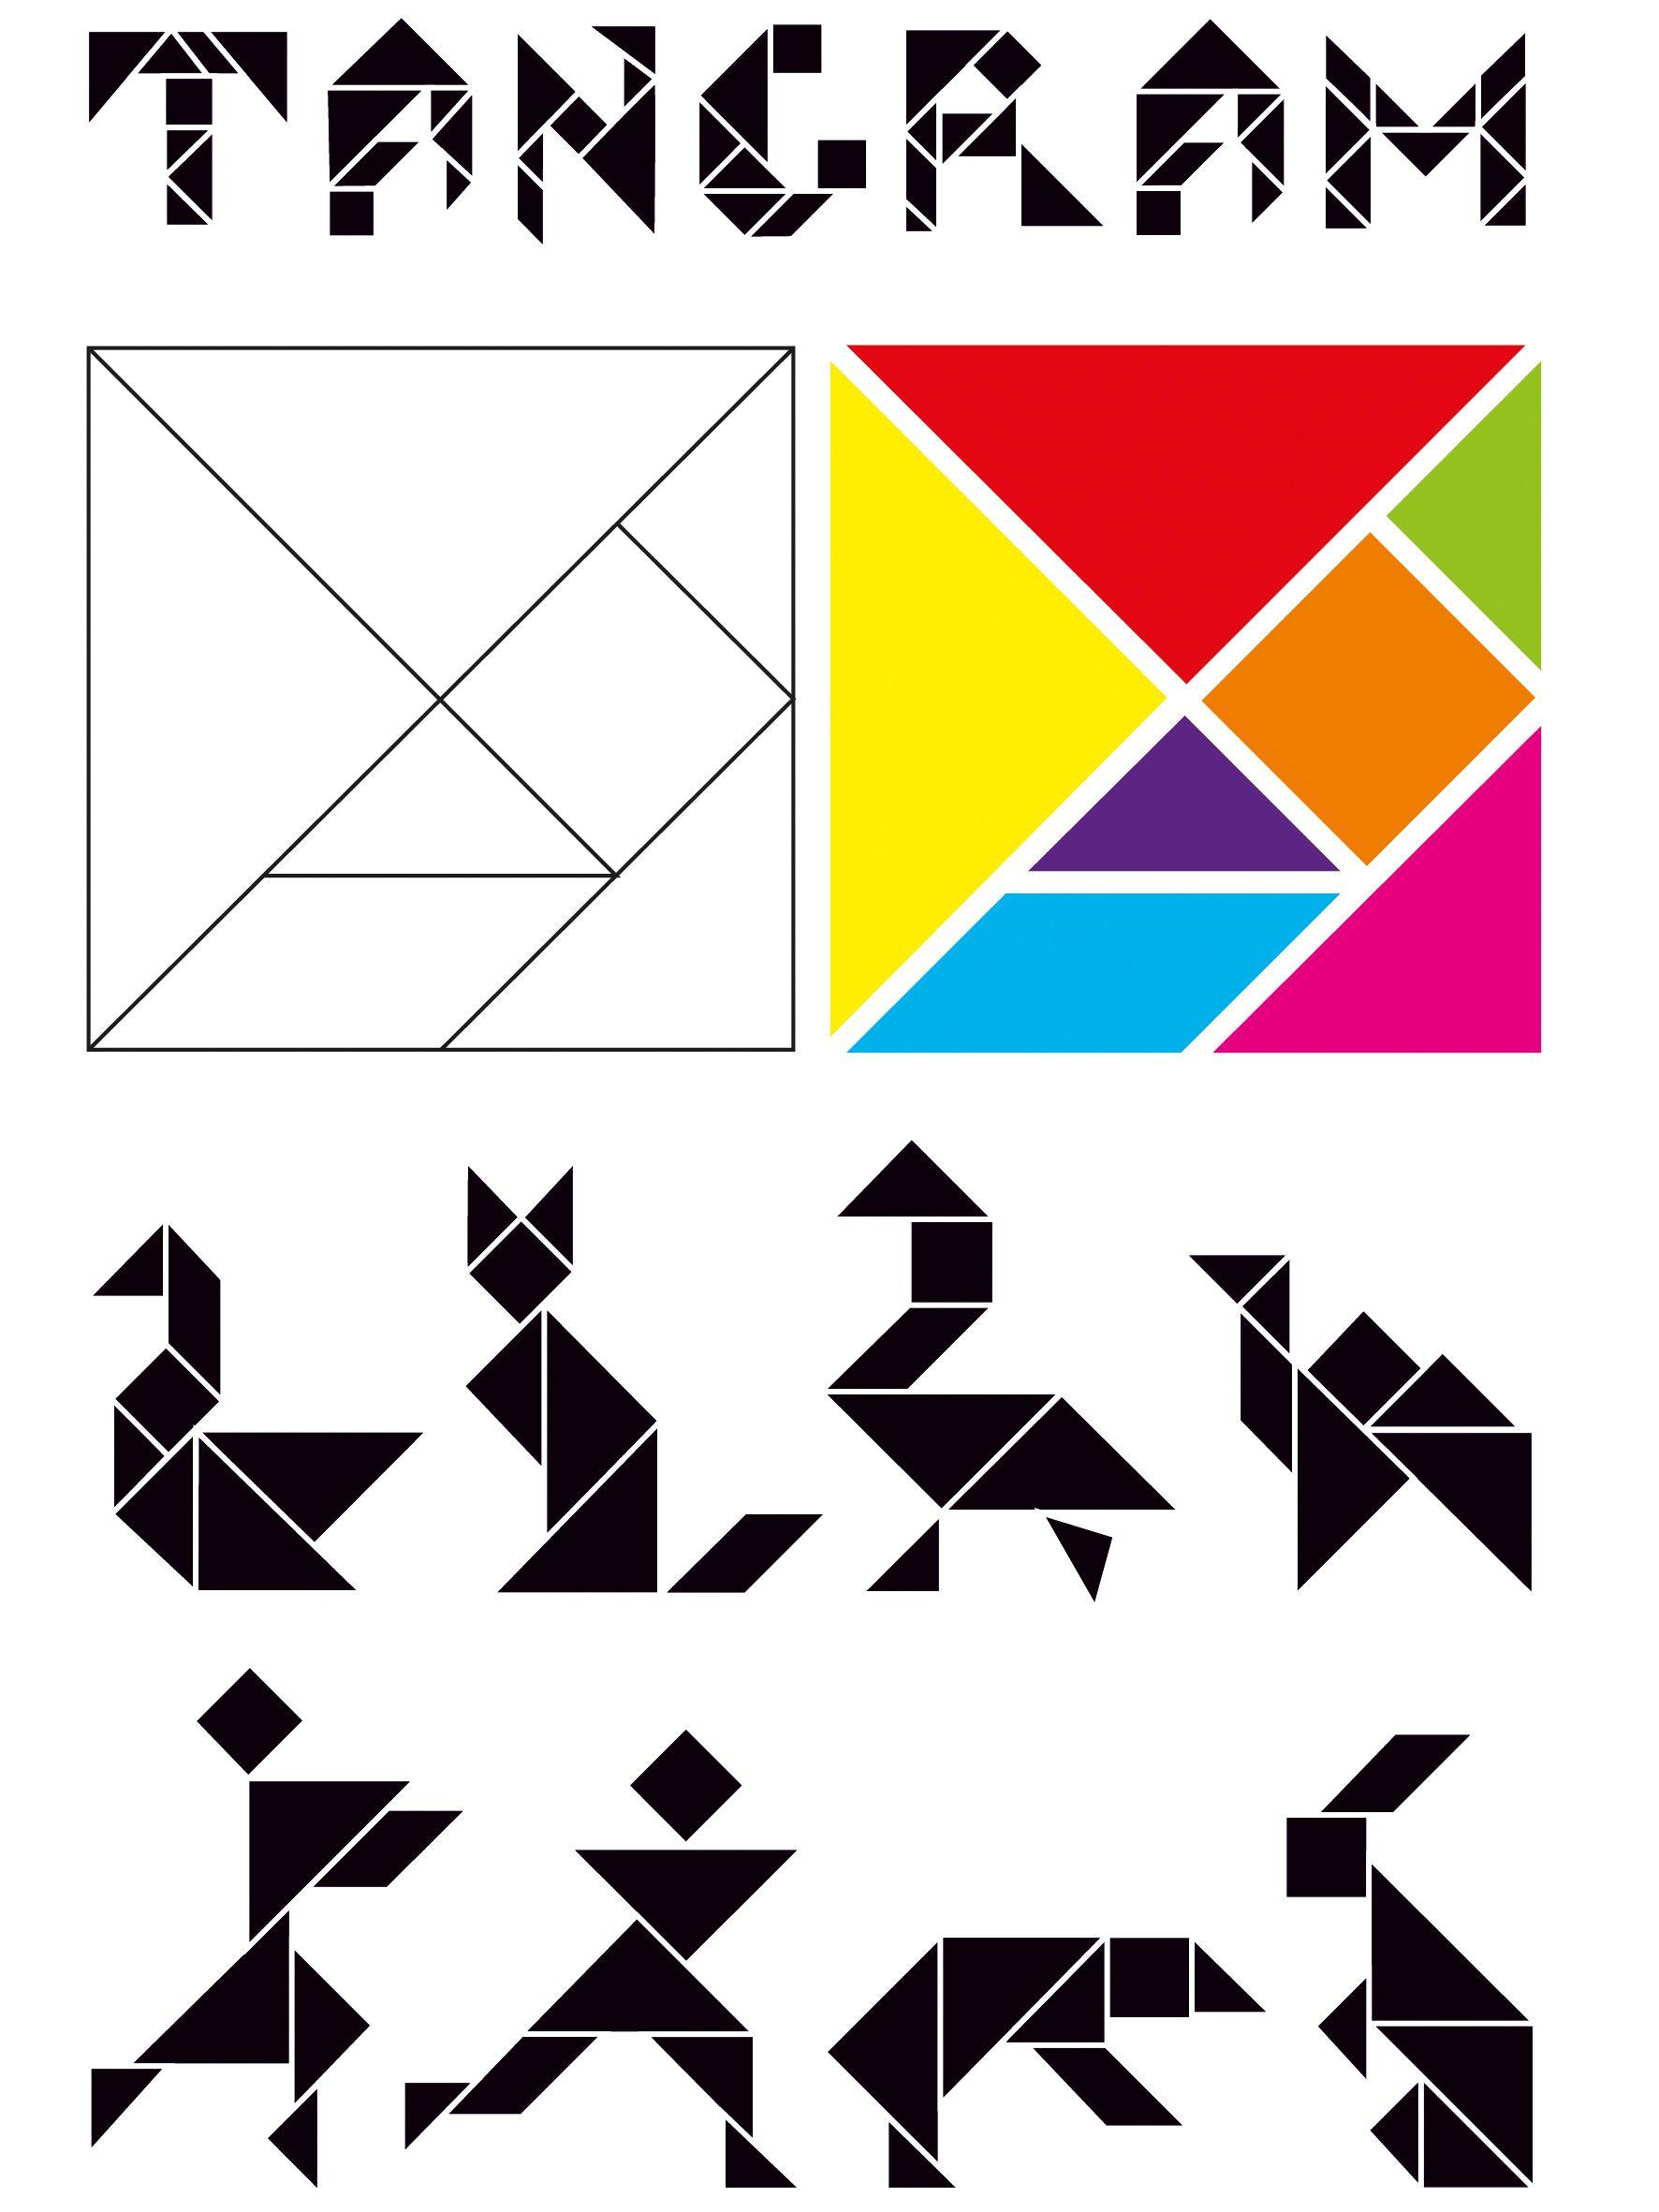 Afficher L'image D'origine | Apraxia | Tangram Puzzles destiné Modèle Tangram À Imprimer